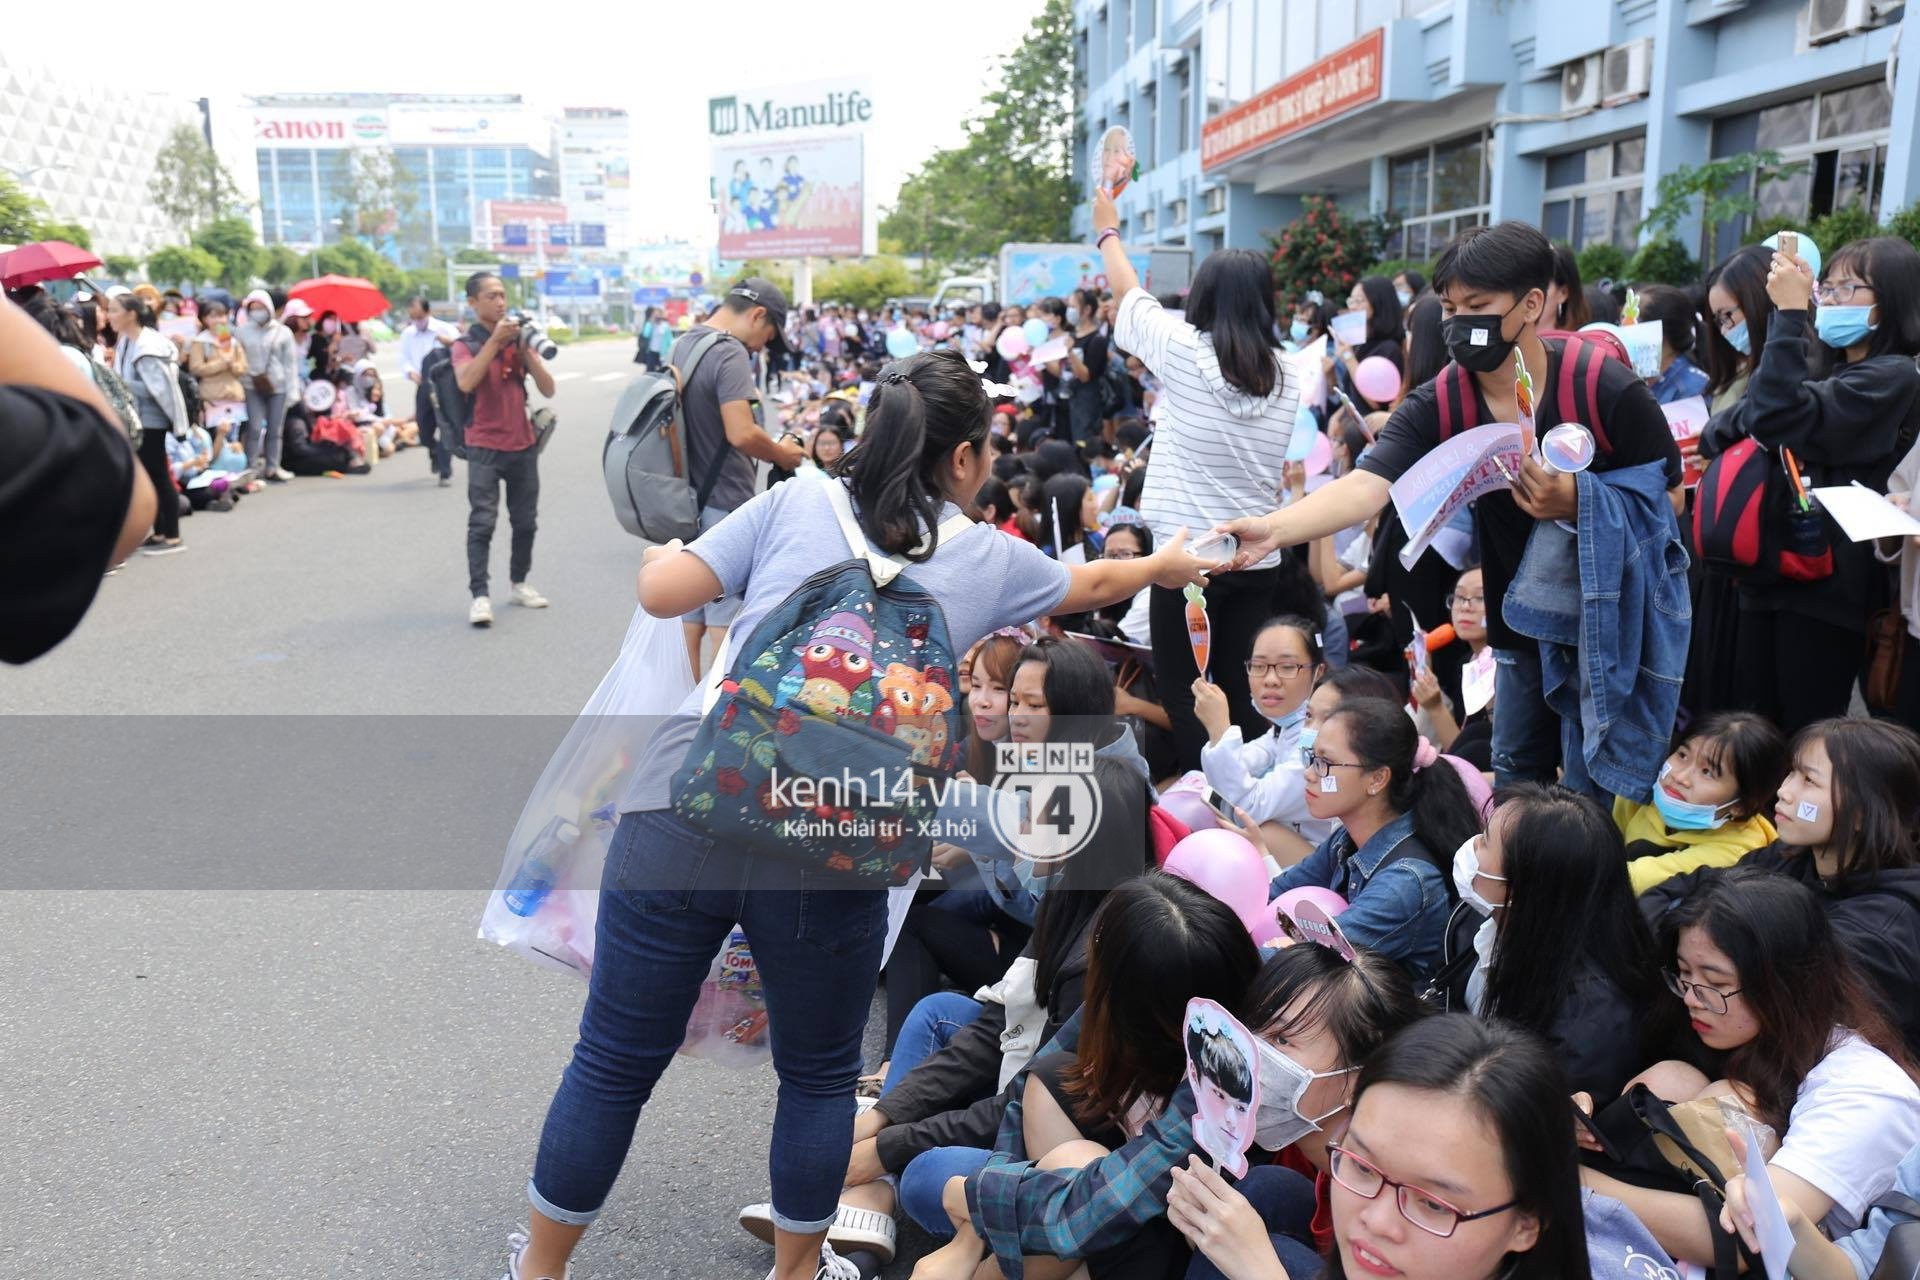 Hoàng tử lai Samuel điển trai, cùng Seventeen ngoái lại chào fan Việt bằng được tại sân bay Tân Sơn Nhất - Ảnh 16.